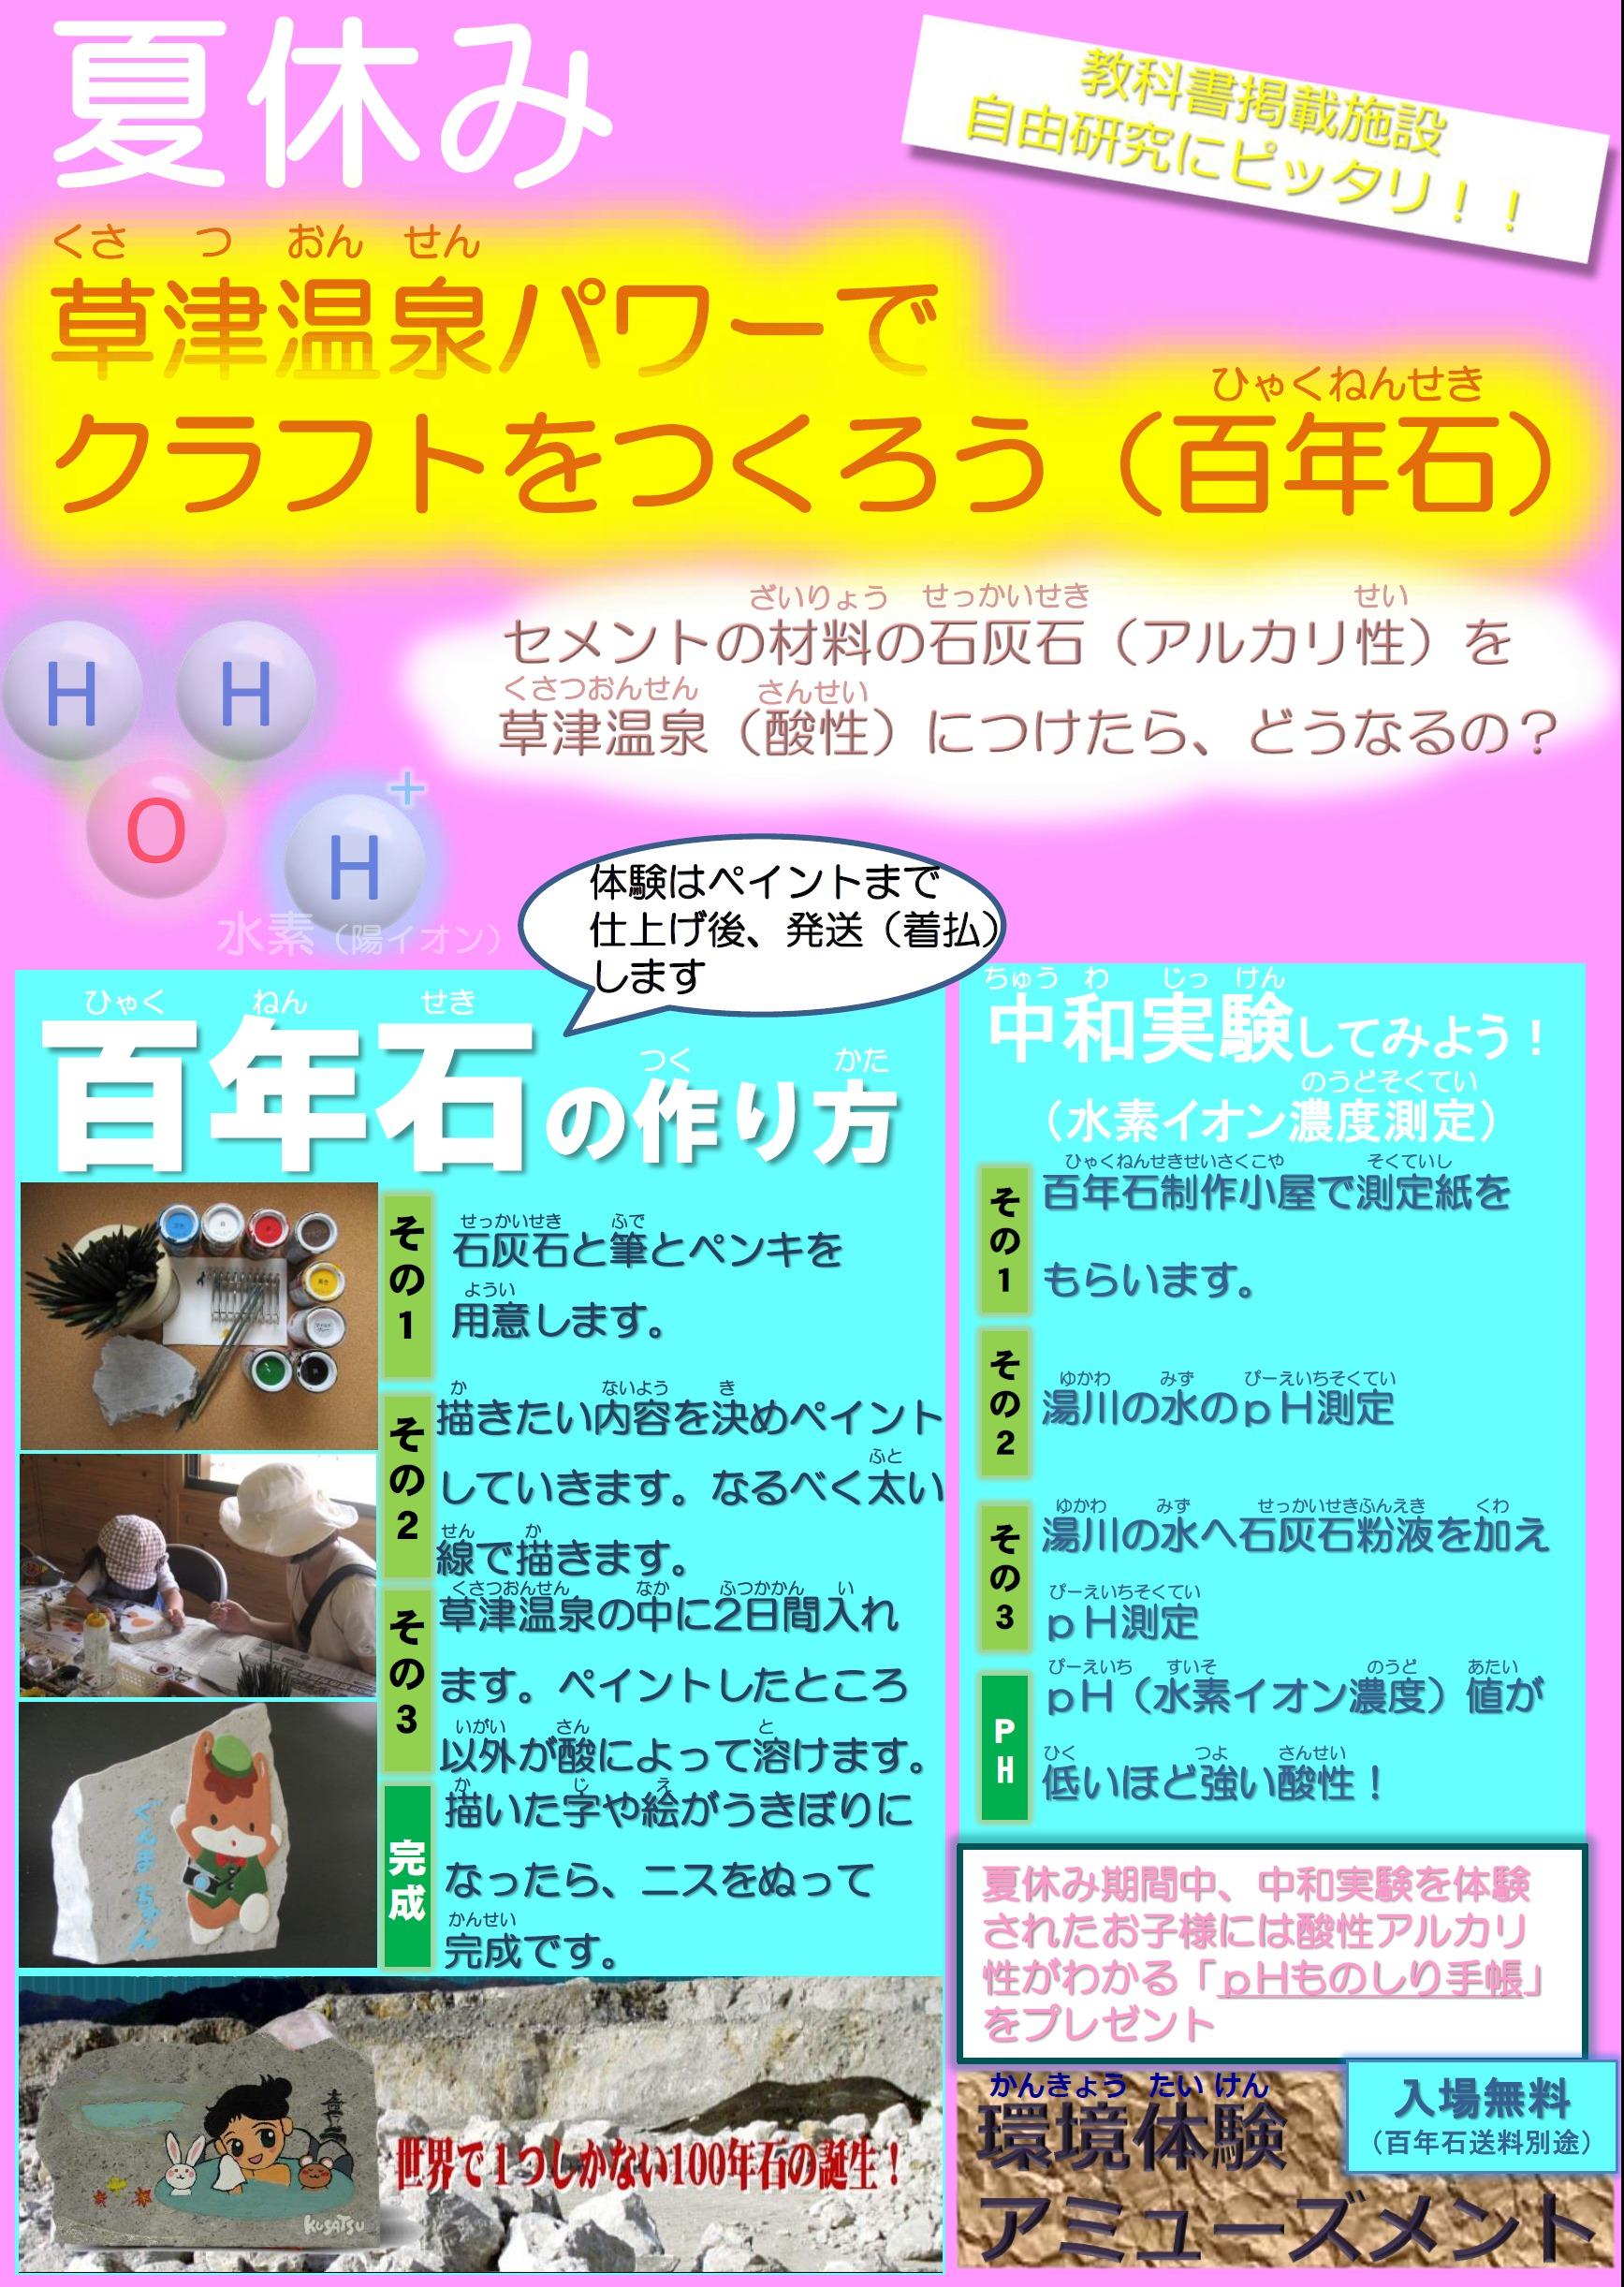 夏休みイベント 品木ダム環境体験アミューズメント